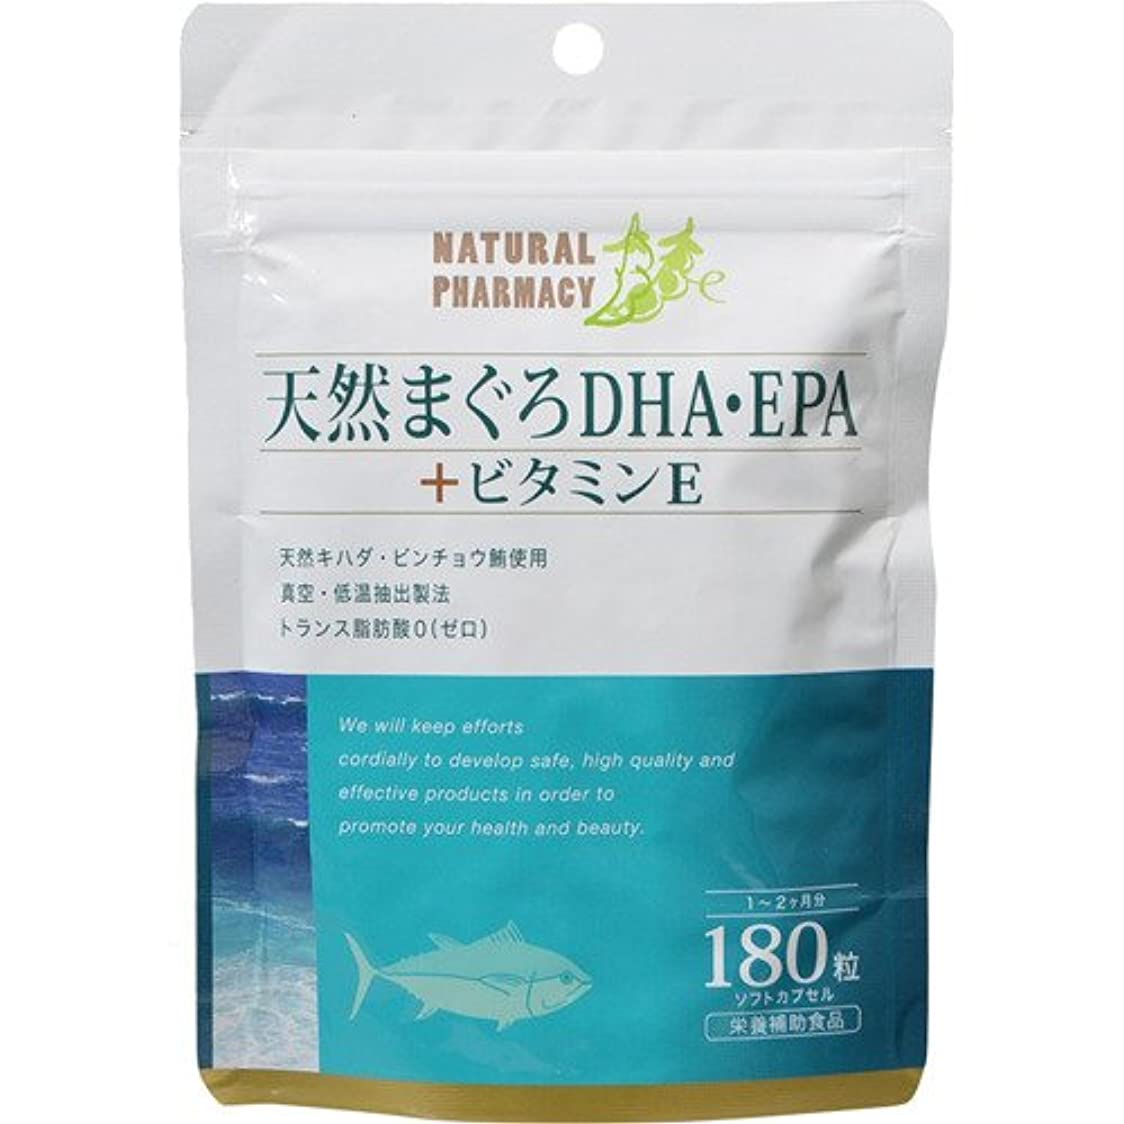 会員アレイ技術者すみや 天然まぐろDHA?EPA+ビタミンE 180粒